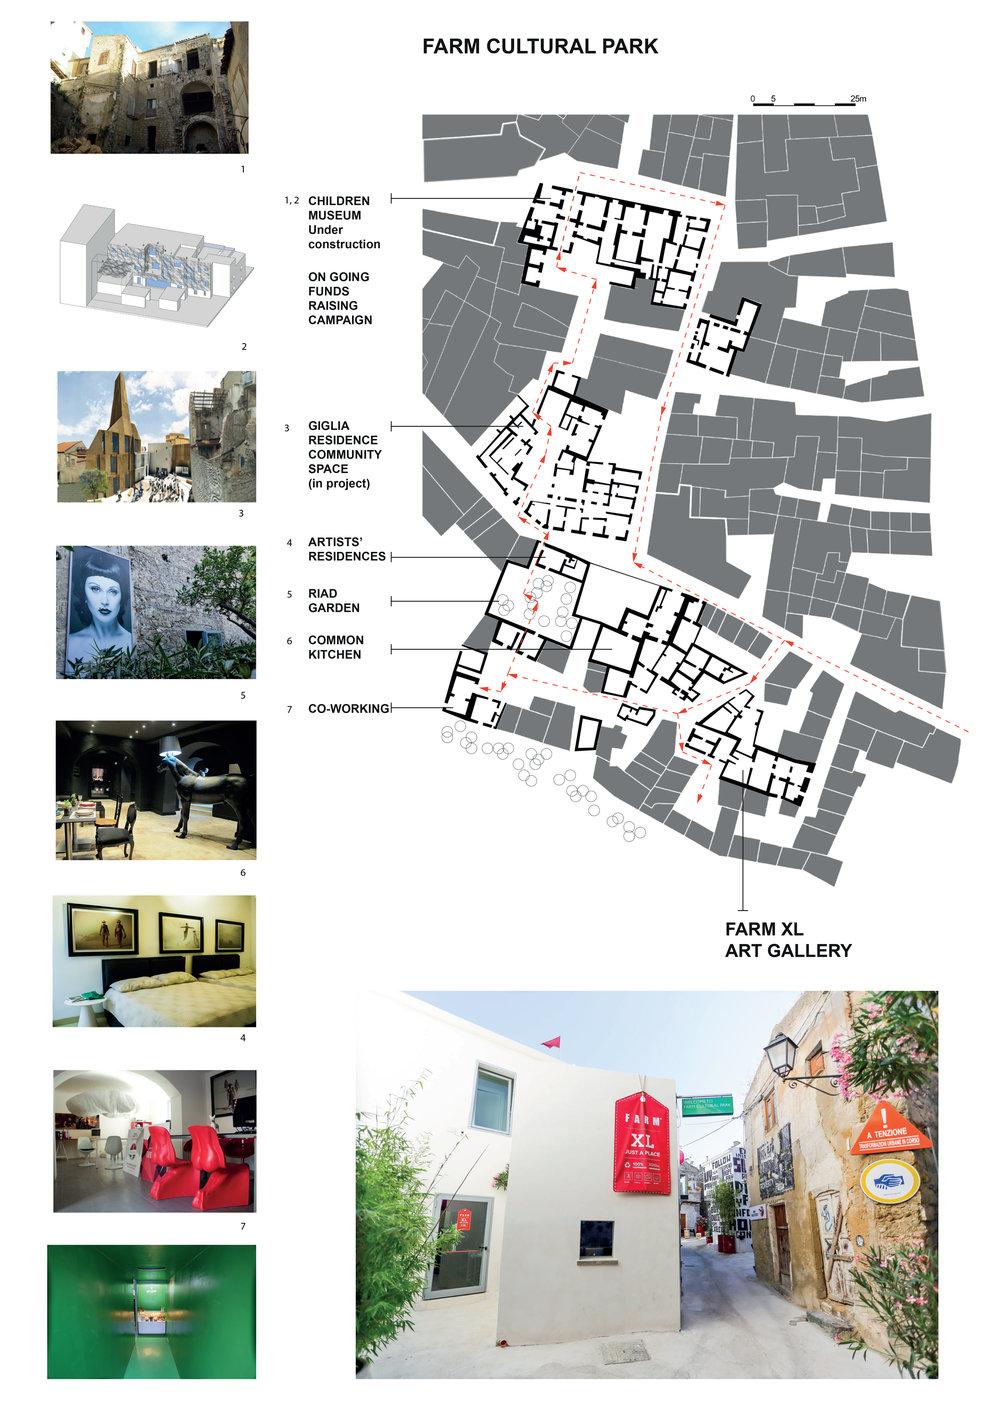 01 Farm Cultural Park Plan.jpg